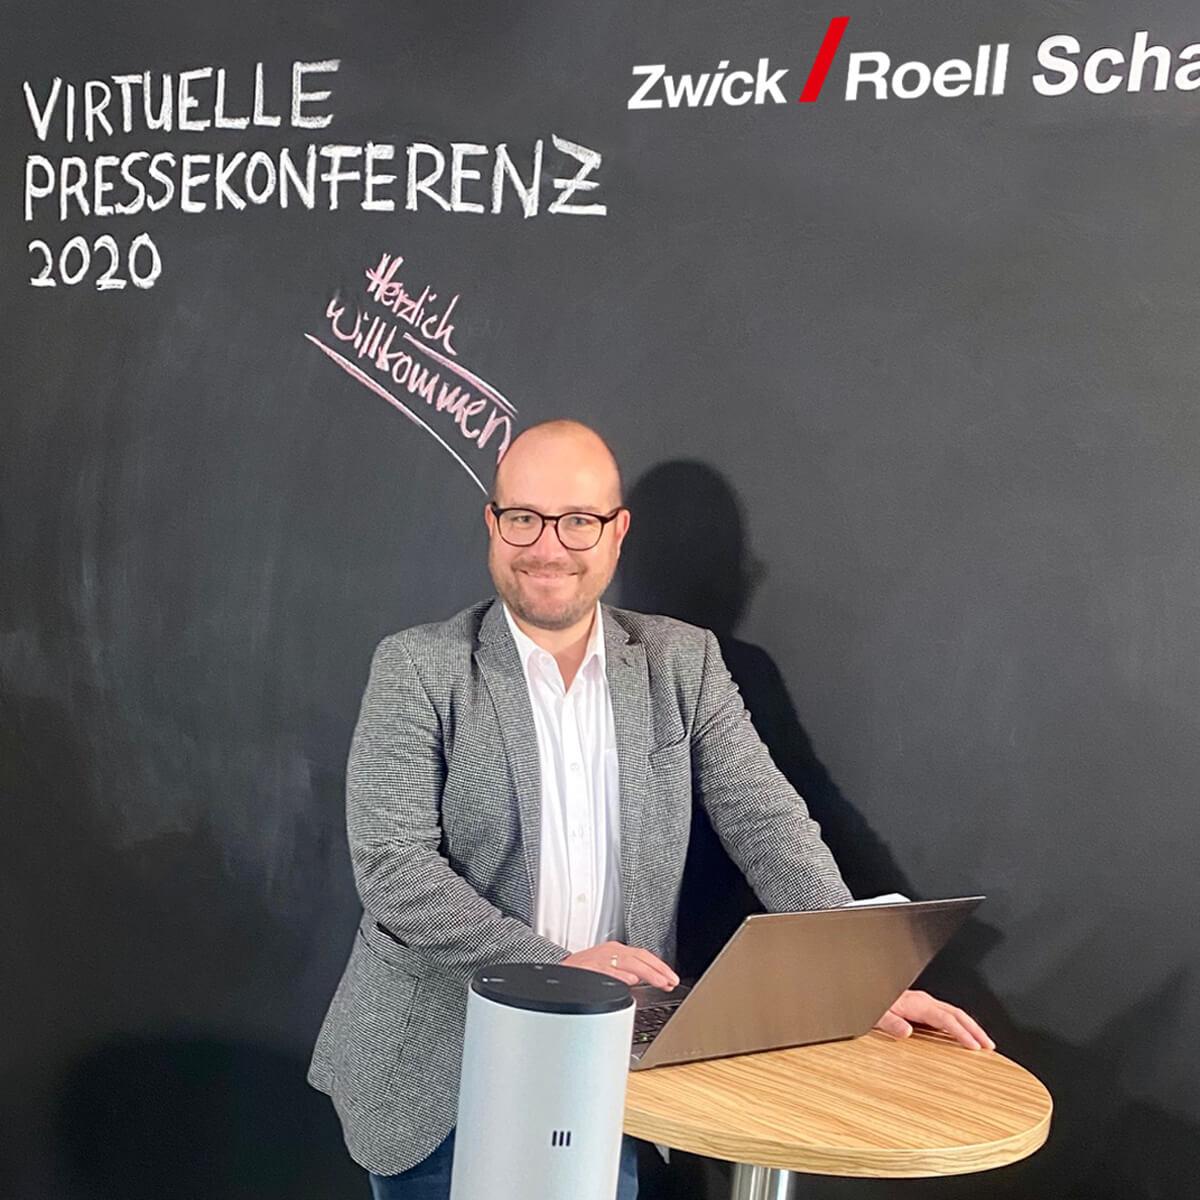 Wolfgang Moersch, Pressekonferenz ZwickRoell 2020